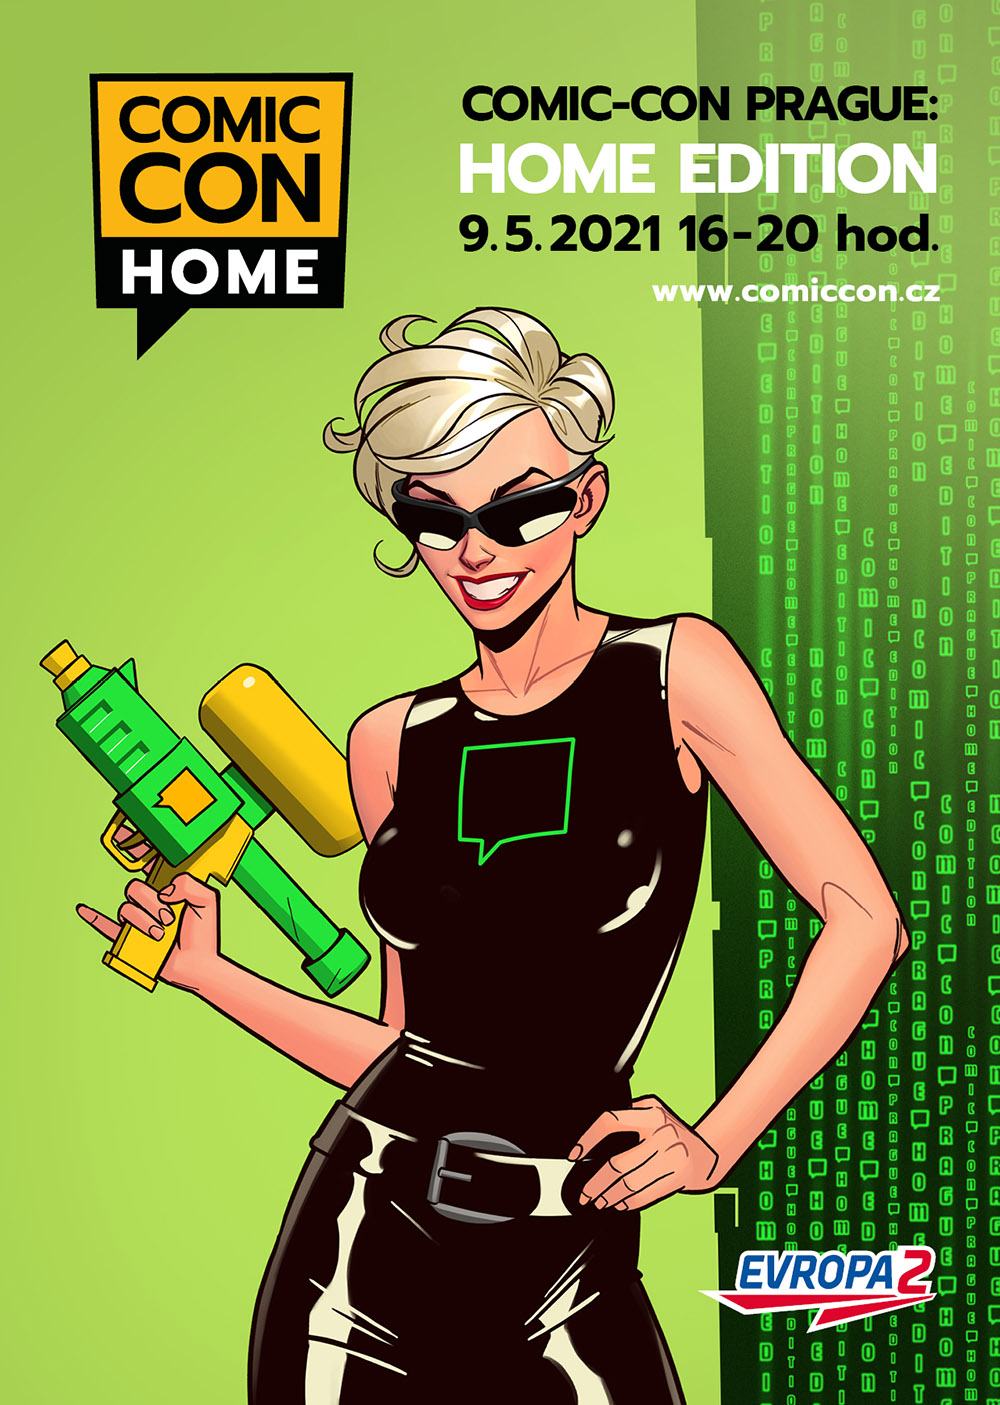 Comic-Con Home